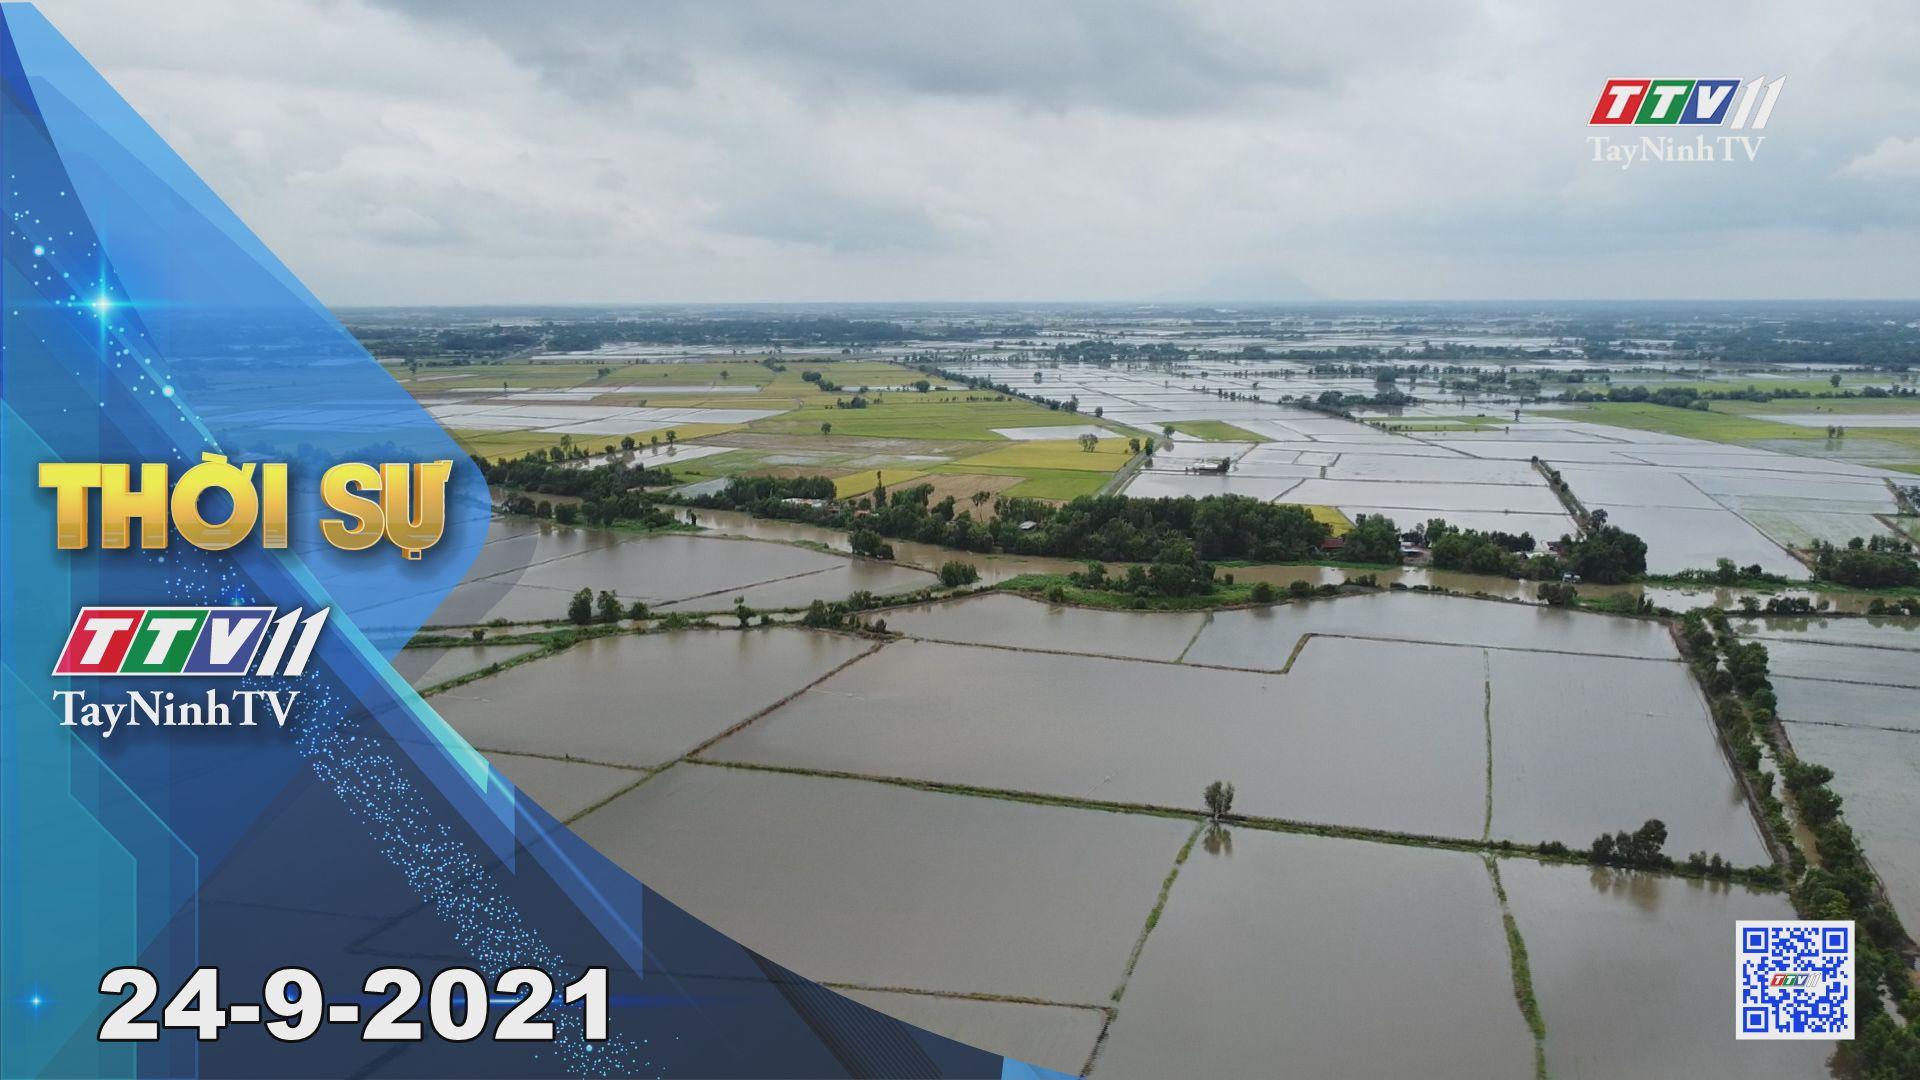 Thời sự Tây Ninh 24/9/2021 | Tin tức hôm nay | TayNinhTV